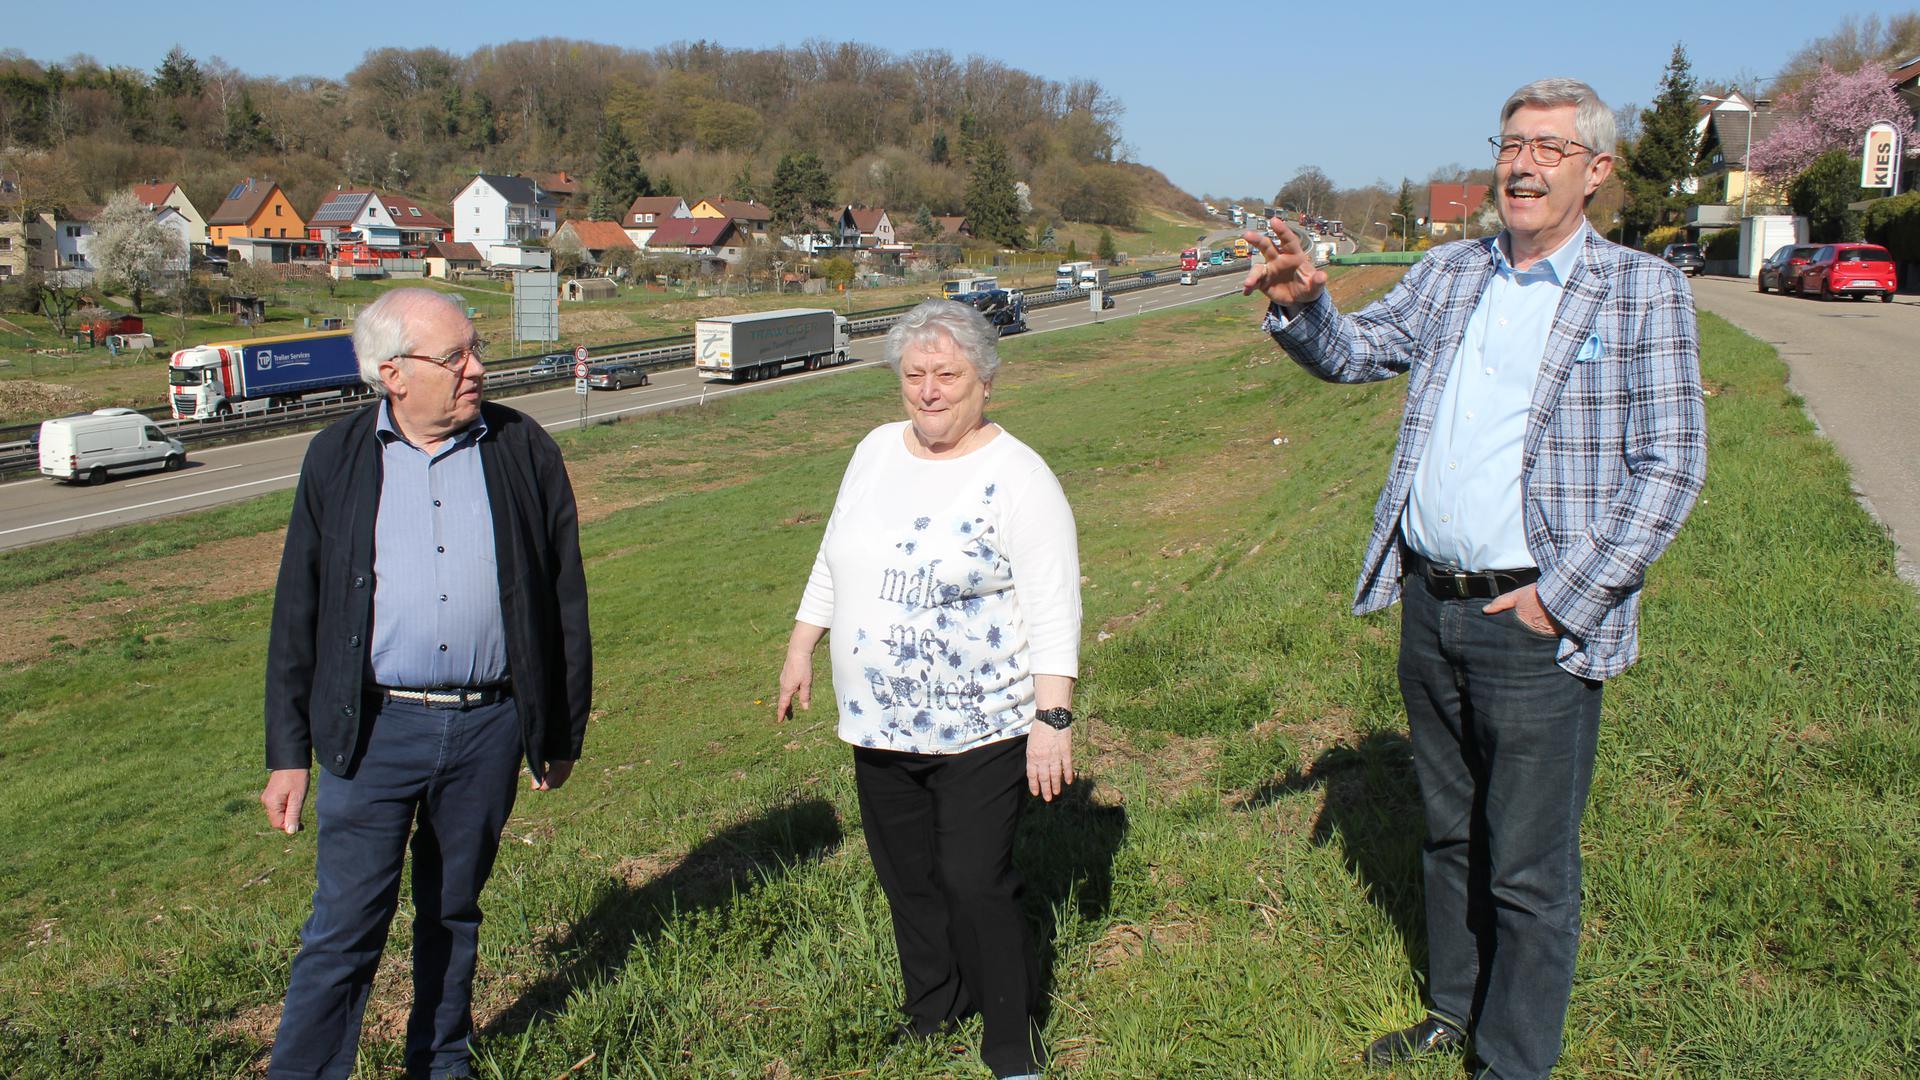 Panoramablick auf die Lärmquelle: Josef Eberhardt aus Eutingen (von links) sowie Ulrike Rexer und Bernd Schuster (beide aus Niefern) hoffen, dass der Ausbau der A8 bald losgeht und auch Lärmschutzmaßnahmen umgesetzt werden.